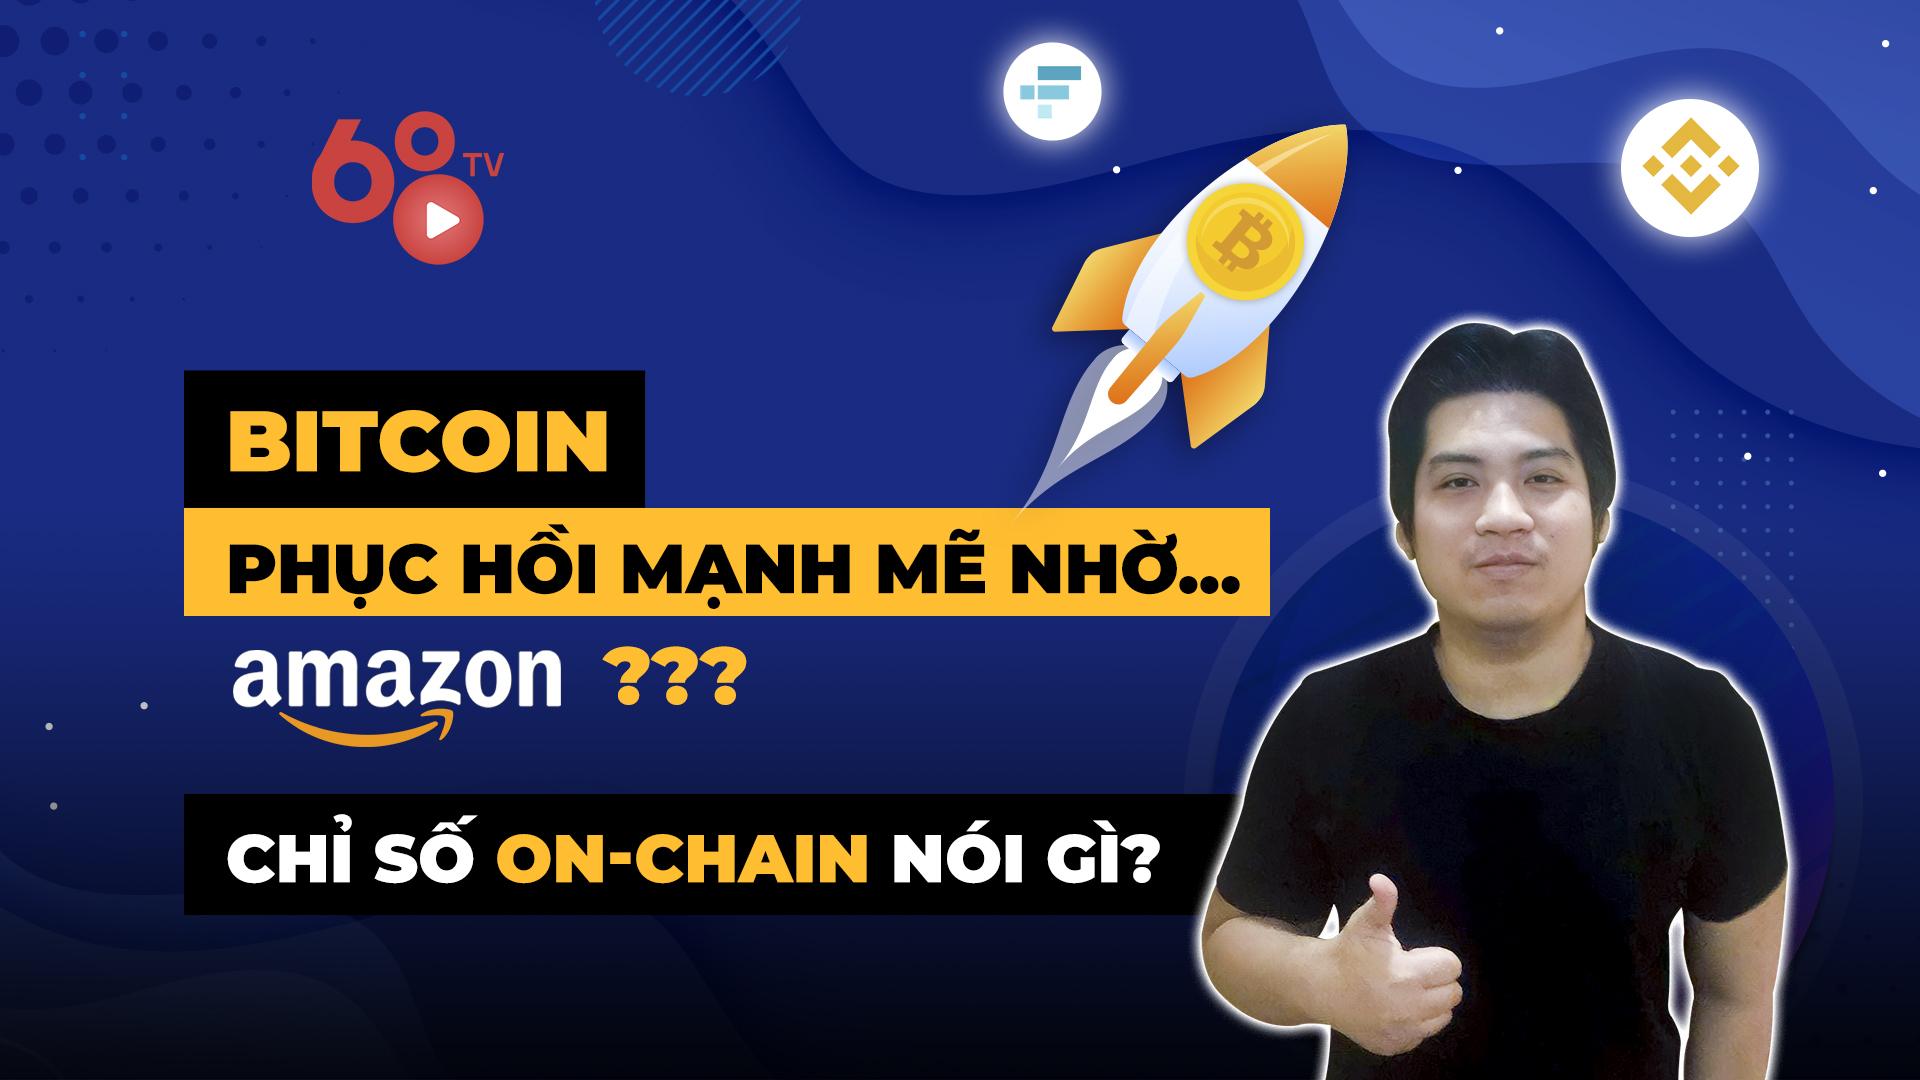 Bitcoin phục hồi mạnh mẽ nhờ… Amazon? Chỉ số on-chain nói gì?